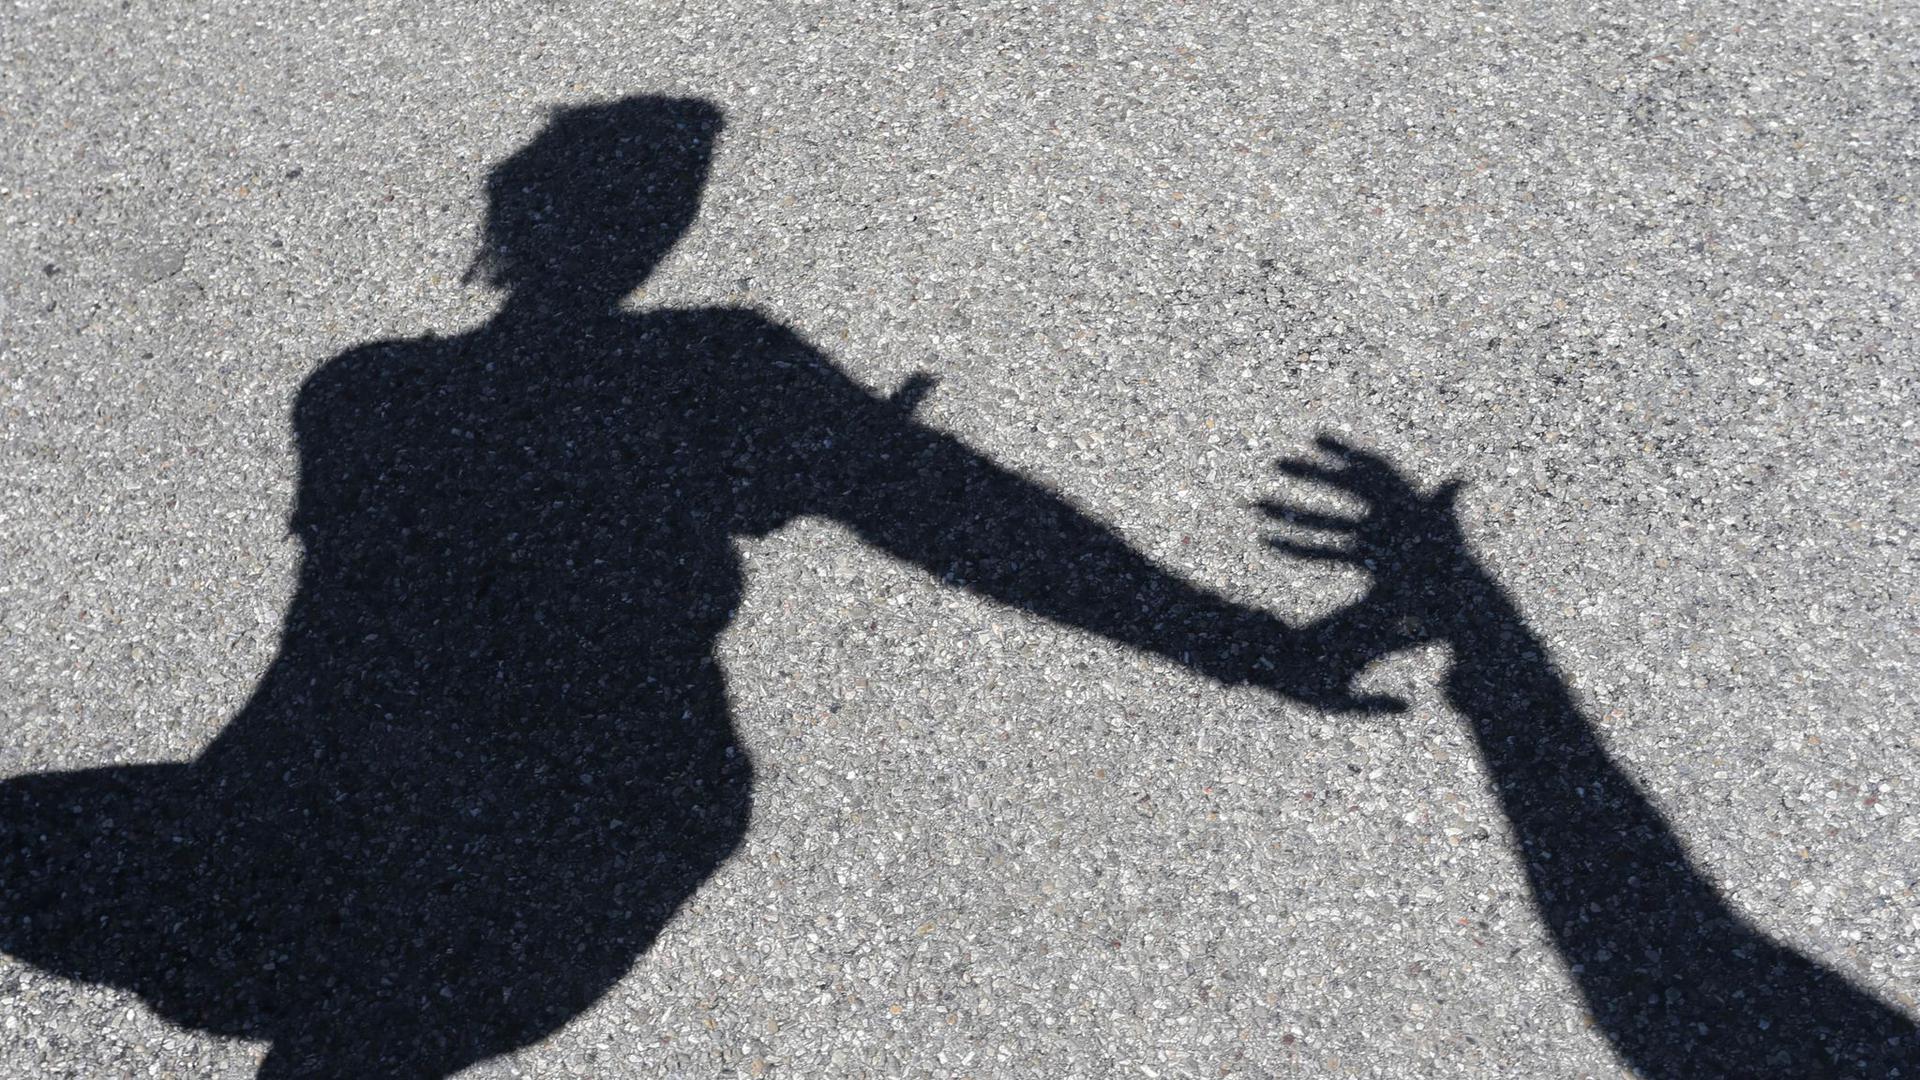 Eine Frau, nach der ein Mann greift, beide im Schattenriss.